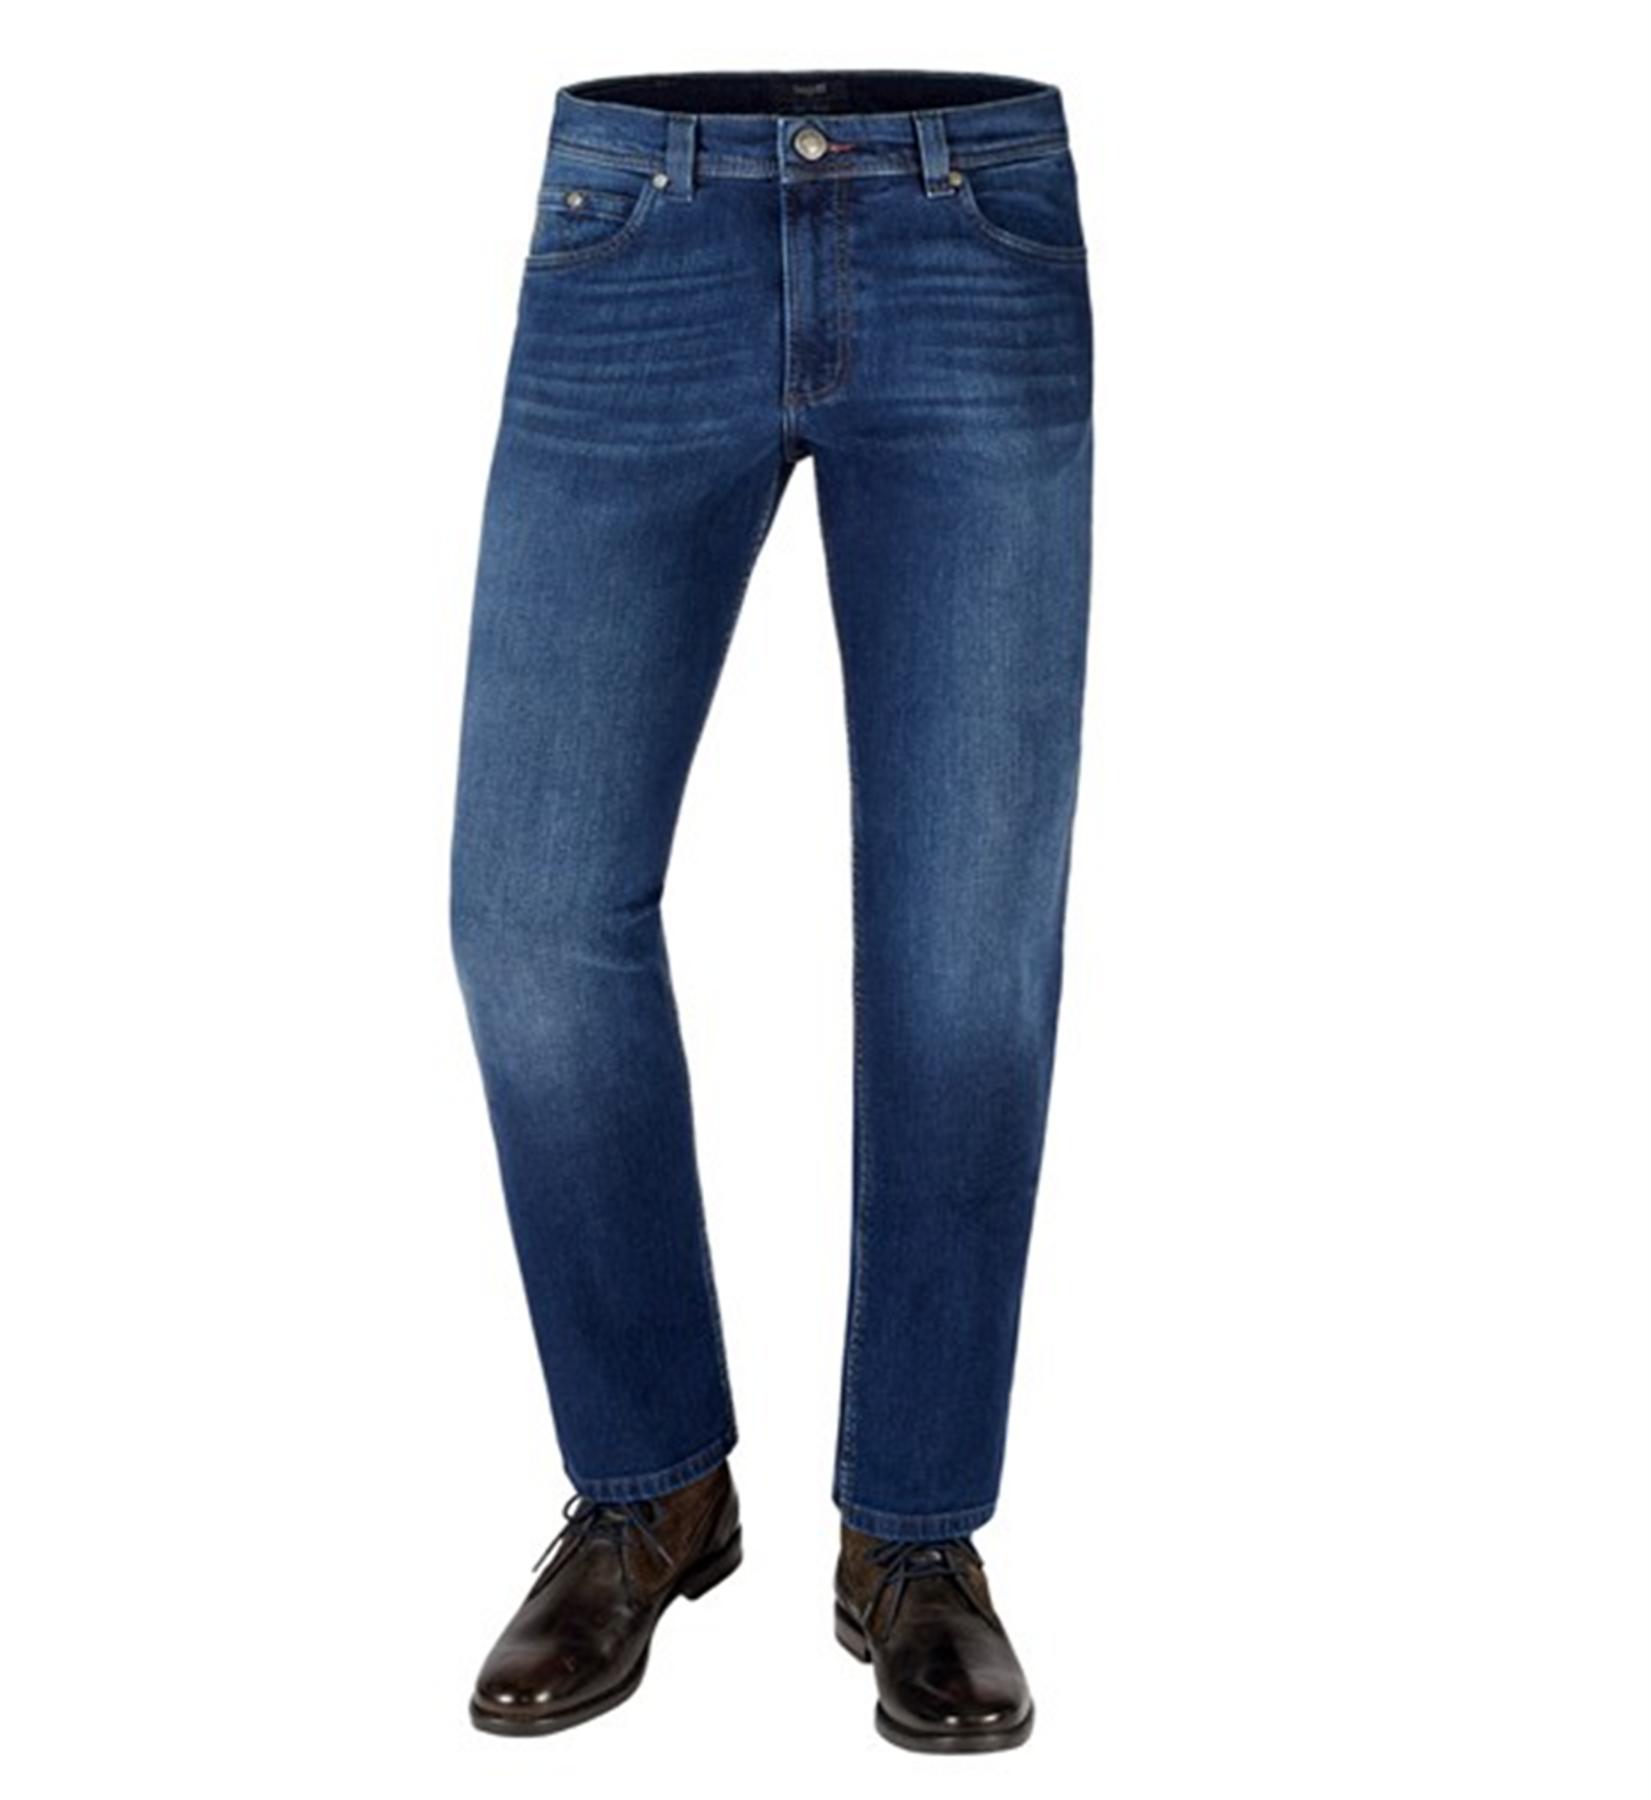 Bugatti - Herren Jeans, Five Pocket-Hose in Regular Fit mit modischer Used-Waschung (Art. Nr.: 3280D-16641) – Bild 1